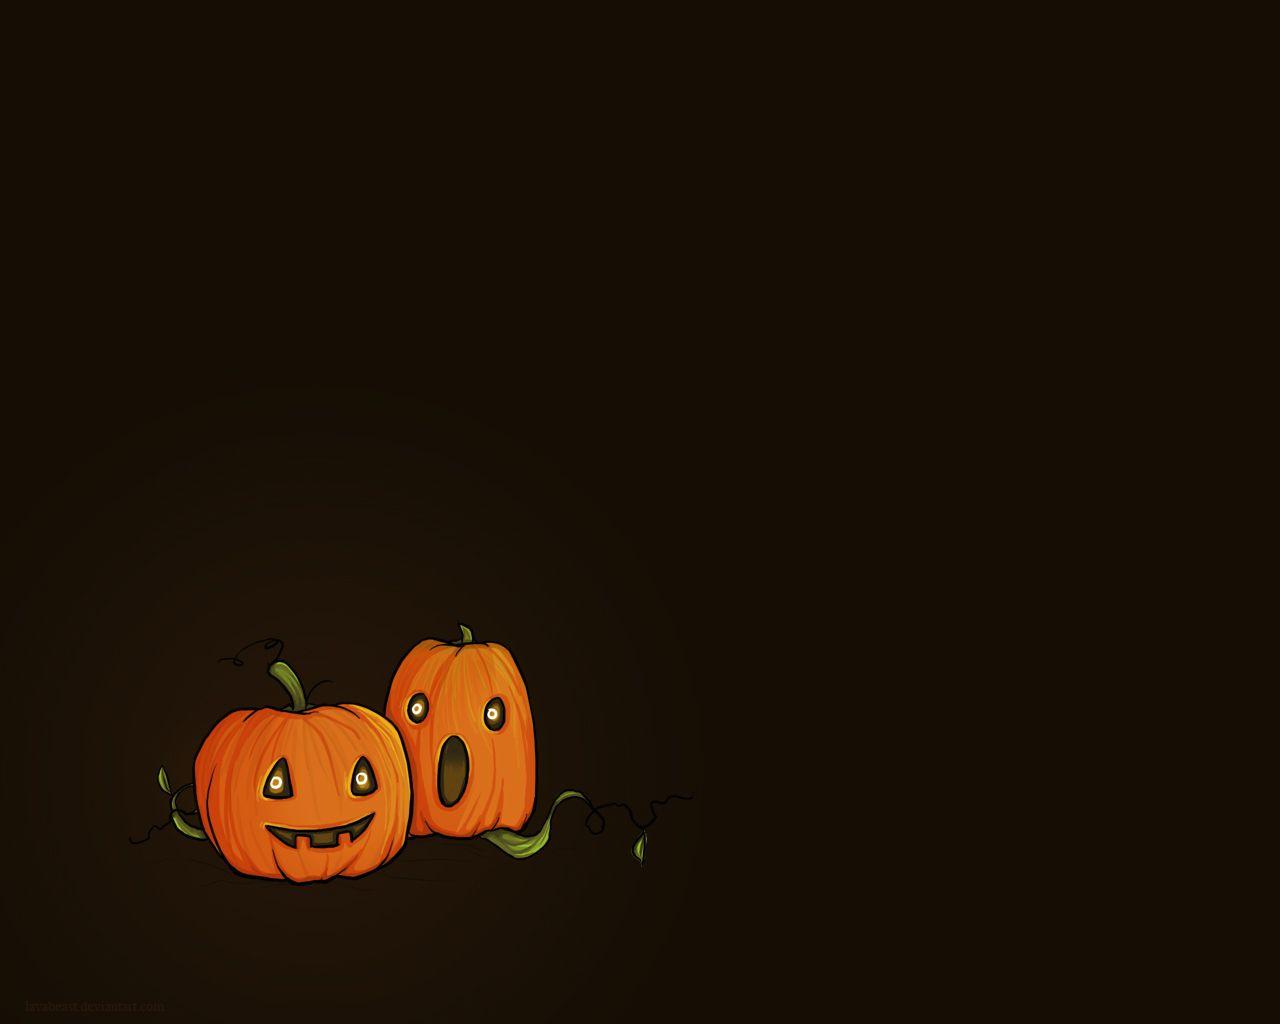 Cute Halloween Desktop Wallpapers Halloween Desktop Wallpaper Pumpkin Wallpaper Halloween Wallpaper Iphone